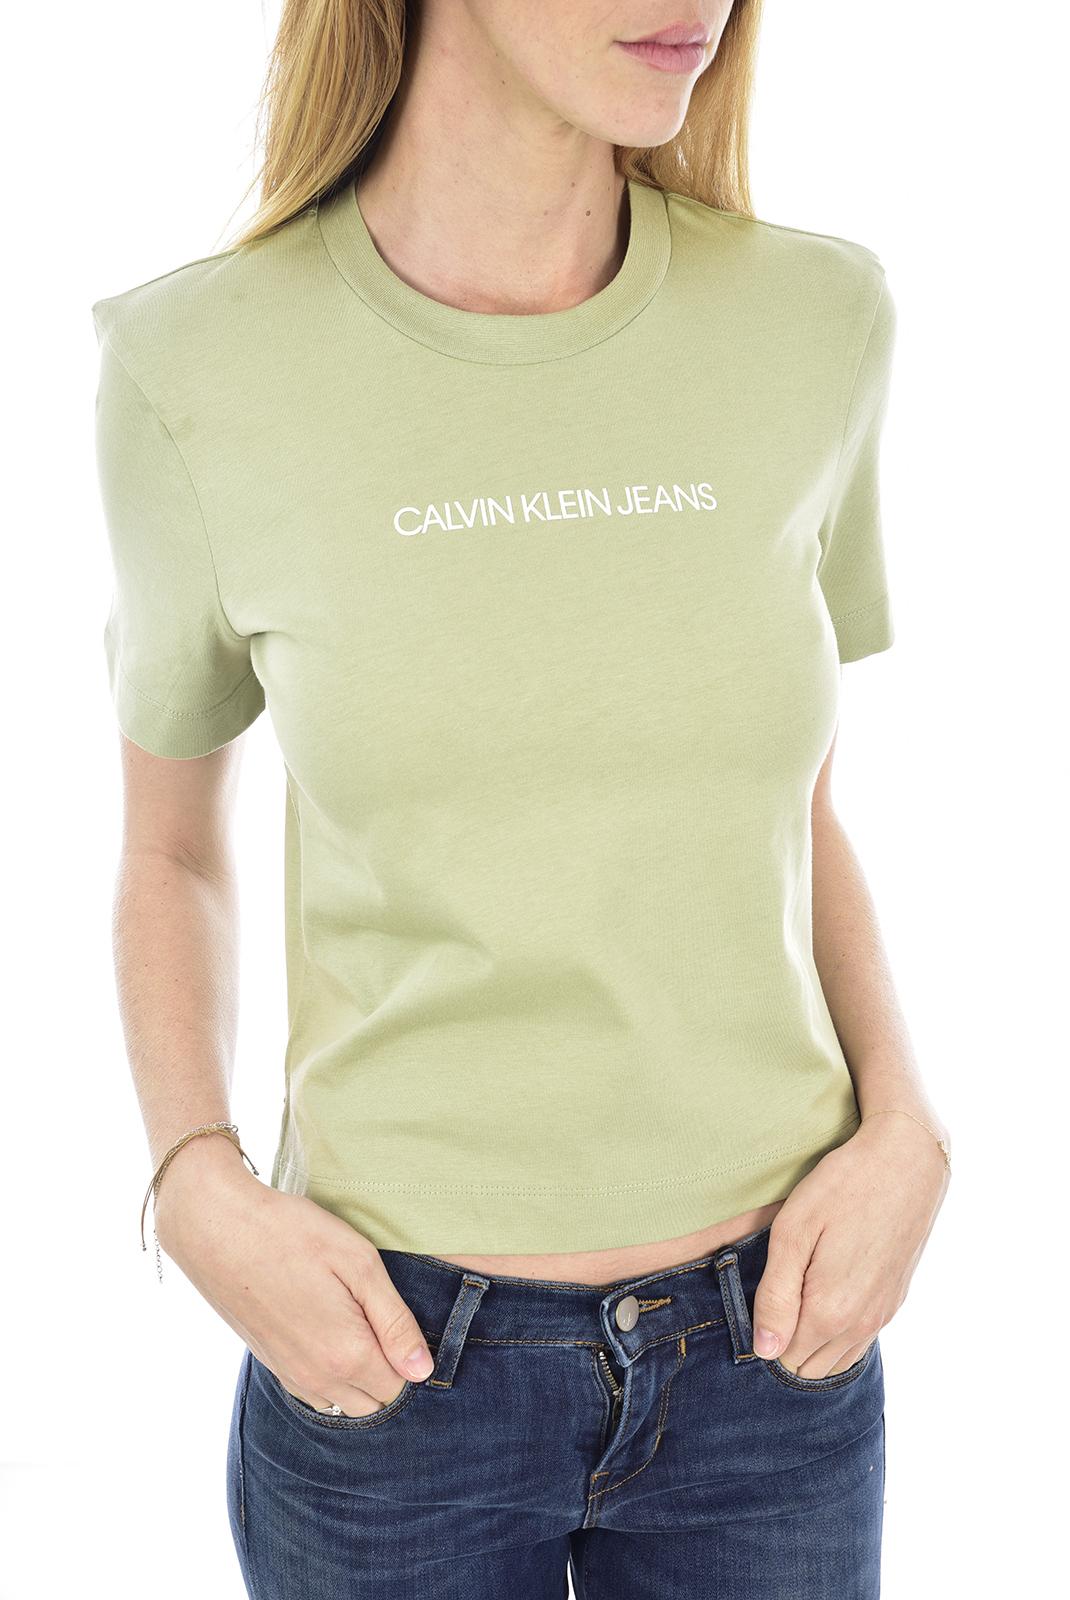 Tee shirt  Calvin klein J20J212879 L9A EARTH SAGE